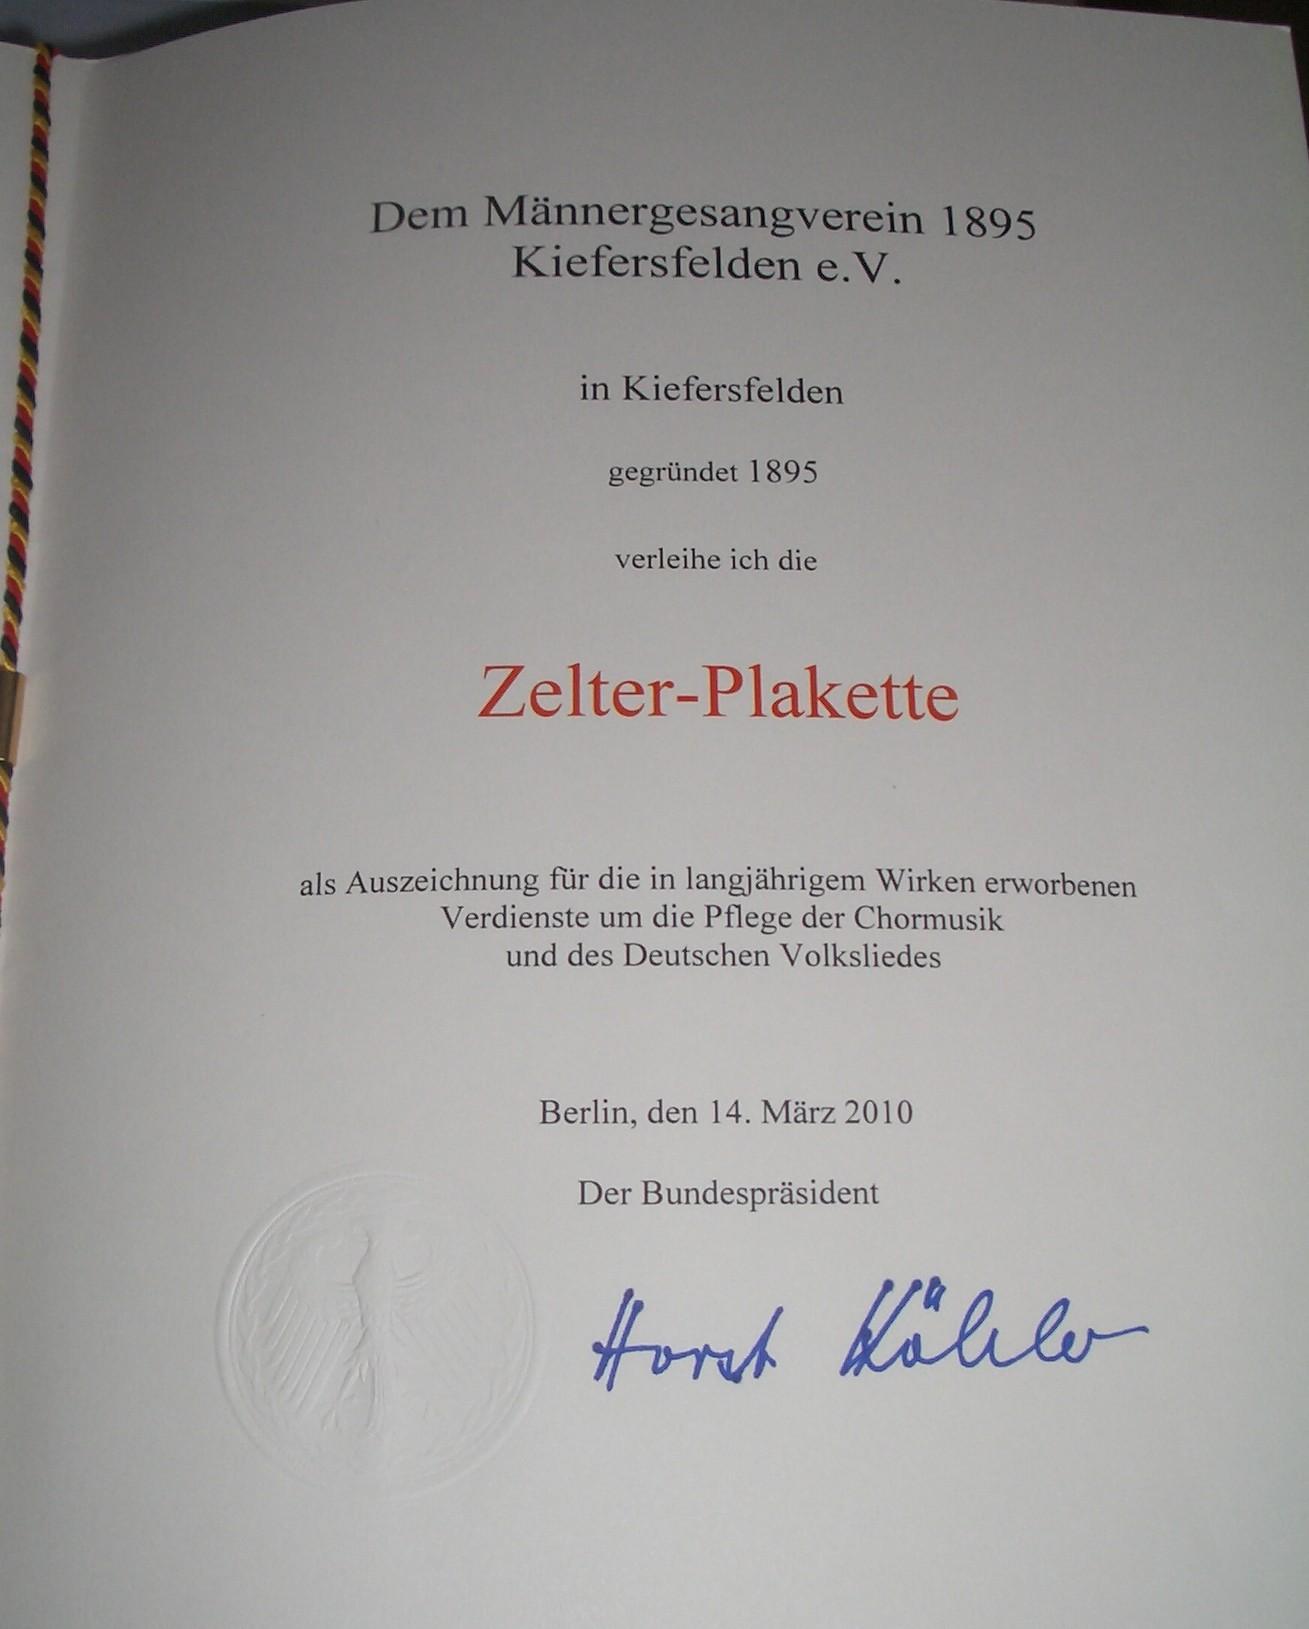 Zelter-Urkunde